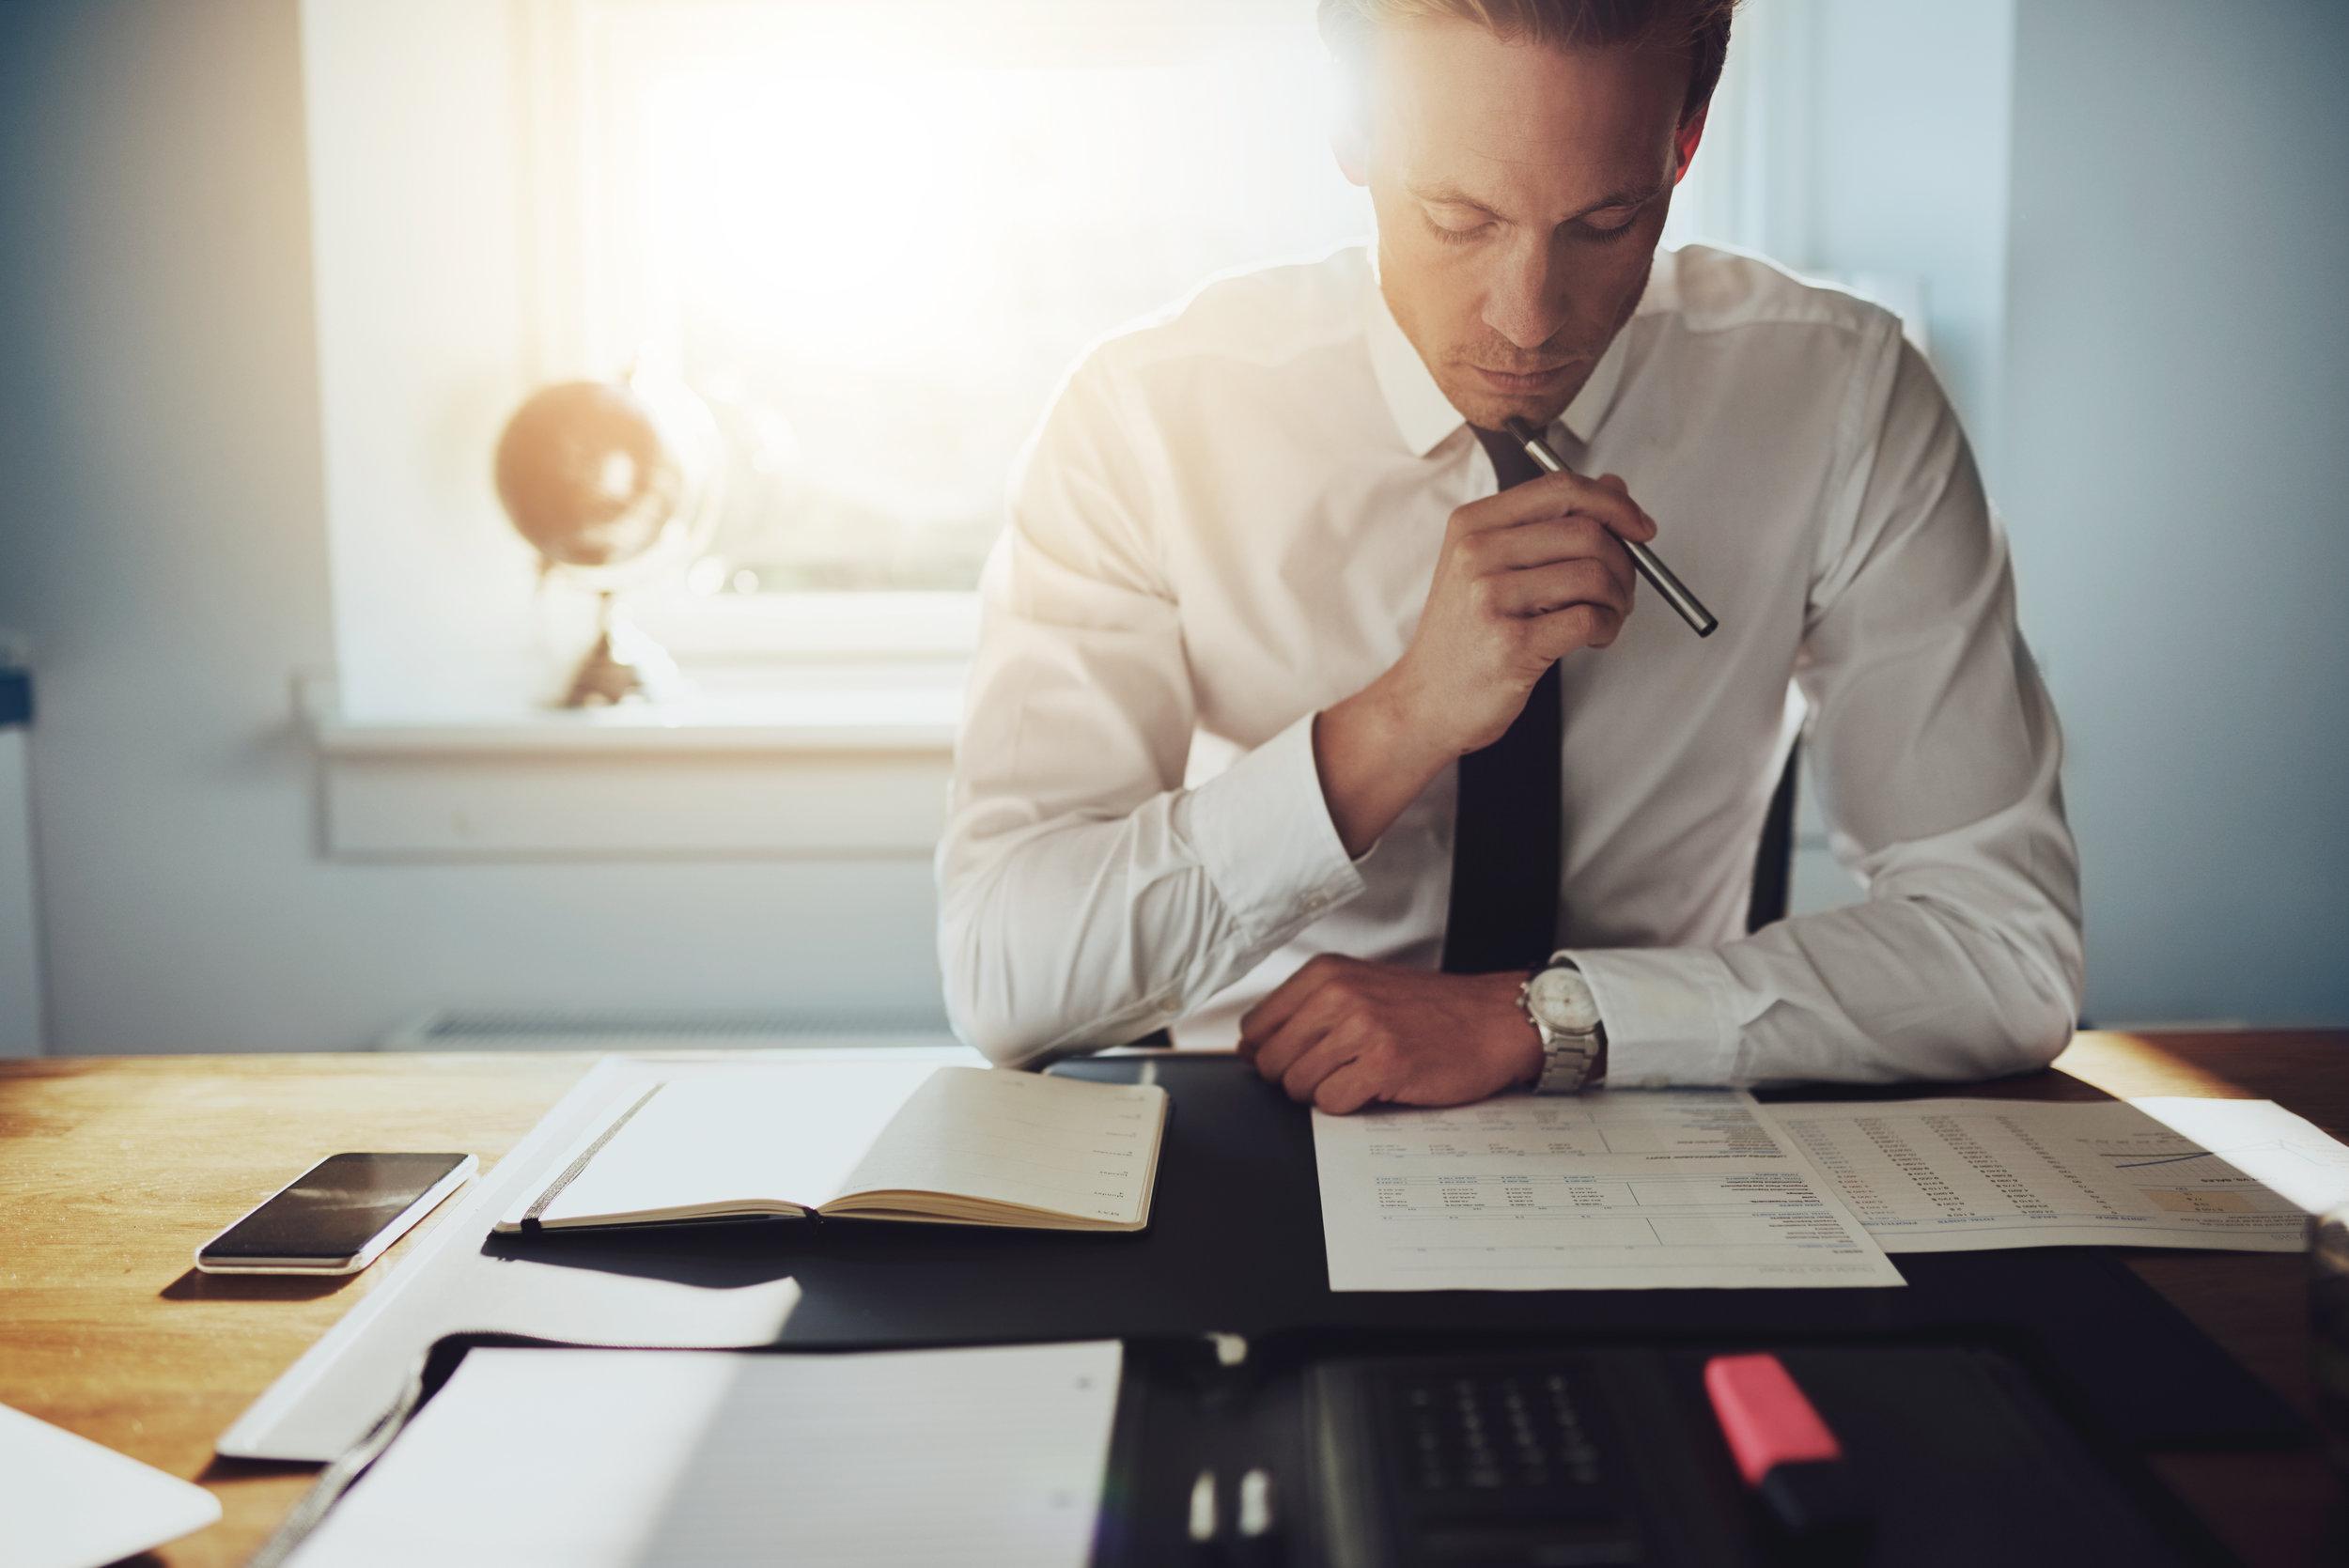 male lawyer thinking and writing.jpeg